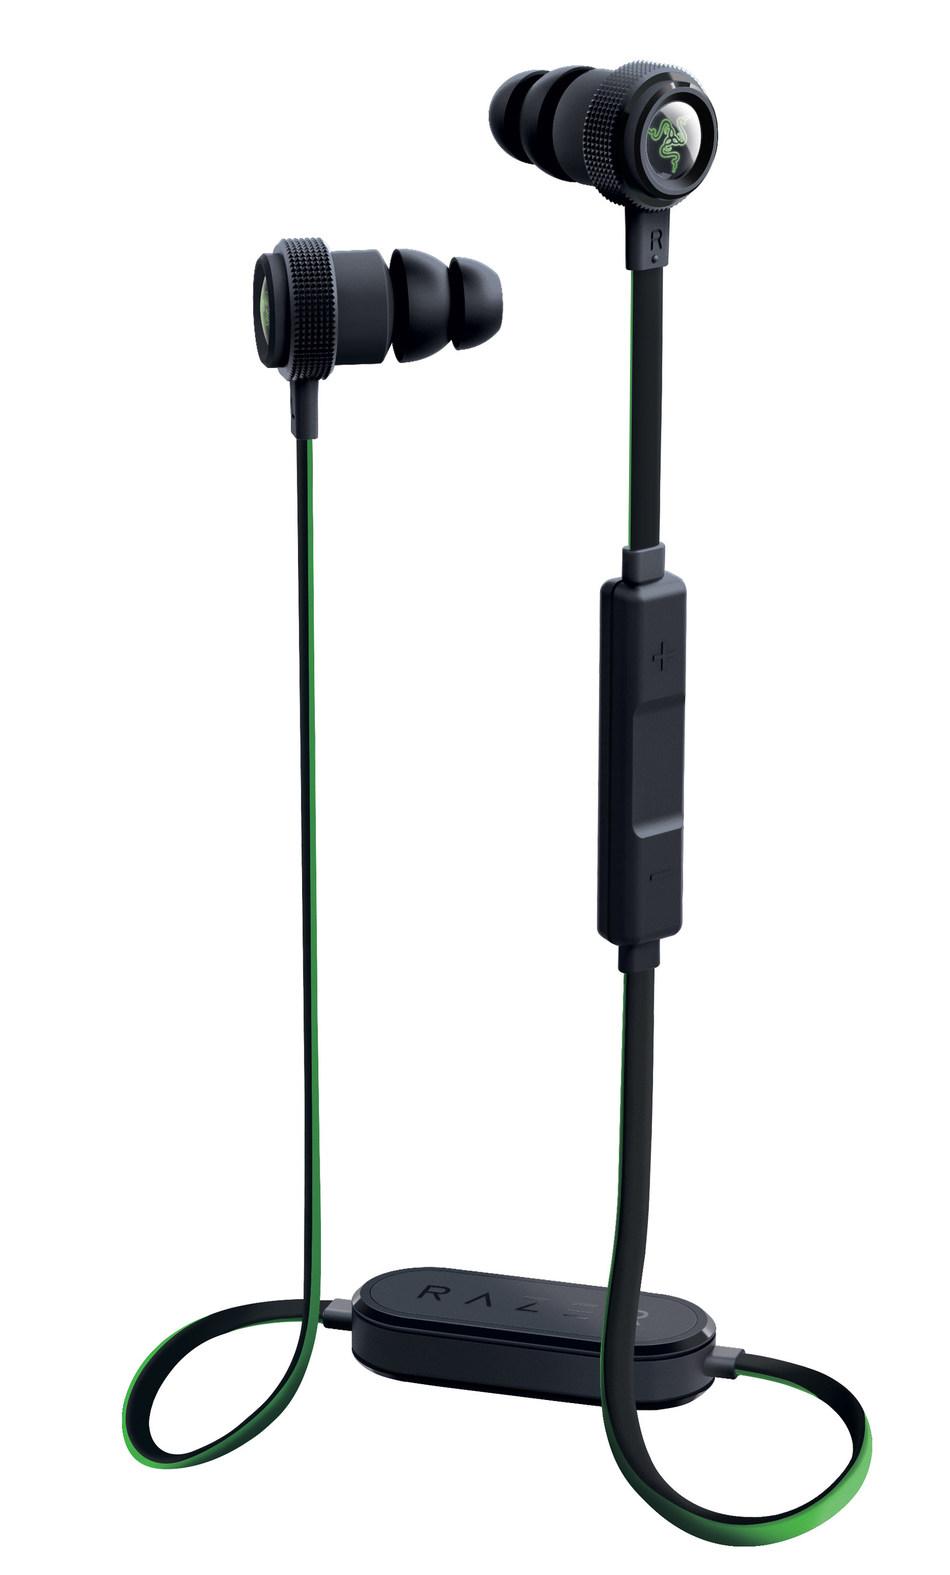 Razer's new Hammerhead BT in-ear headset